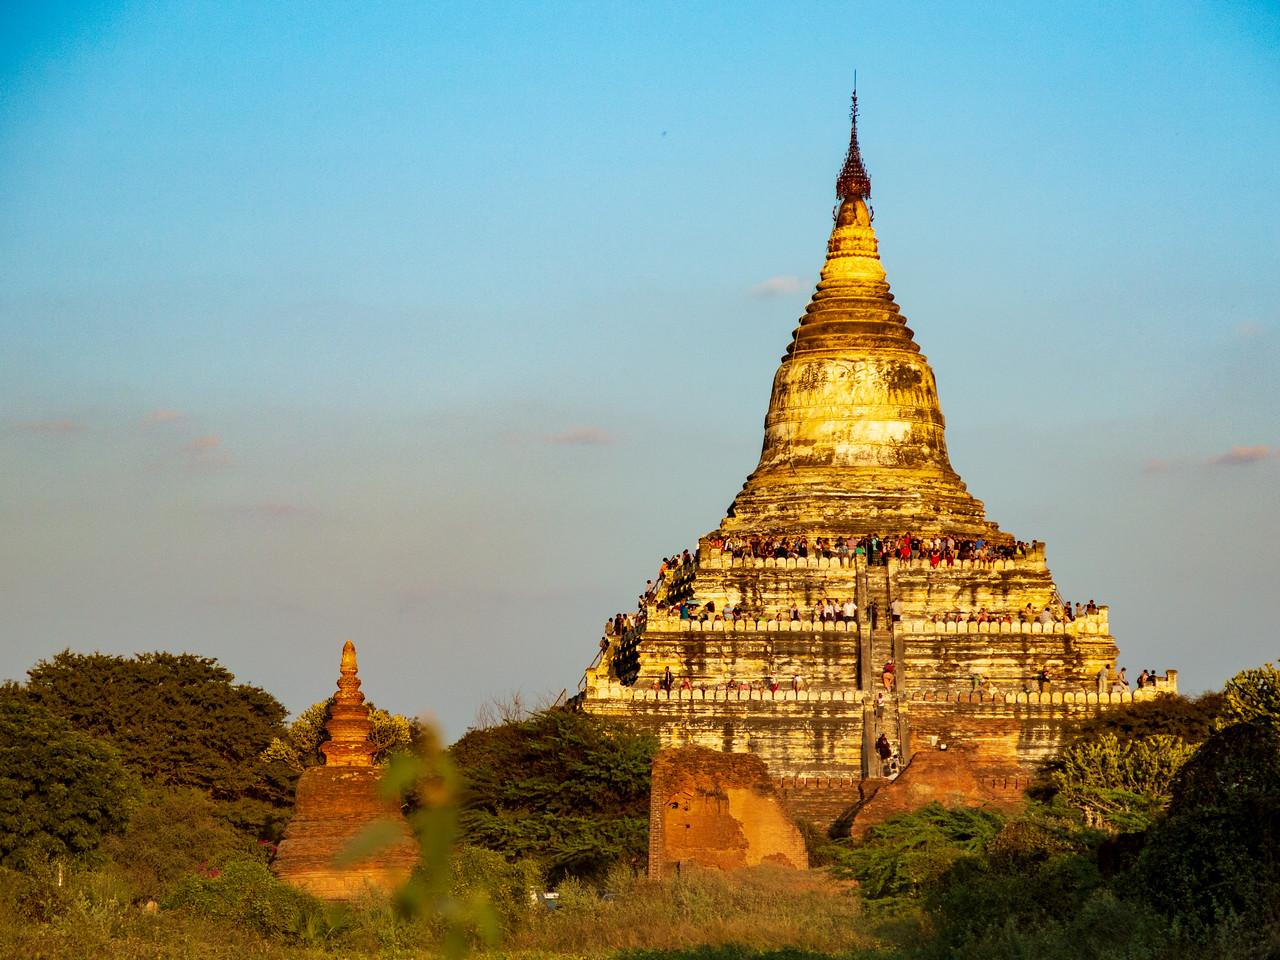 Shwesandaw Pagoda on the Plains of Bagan